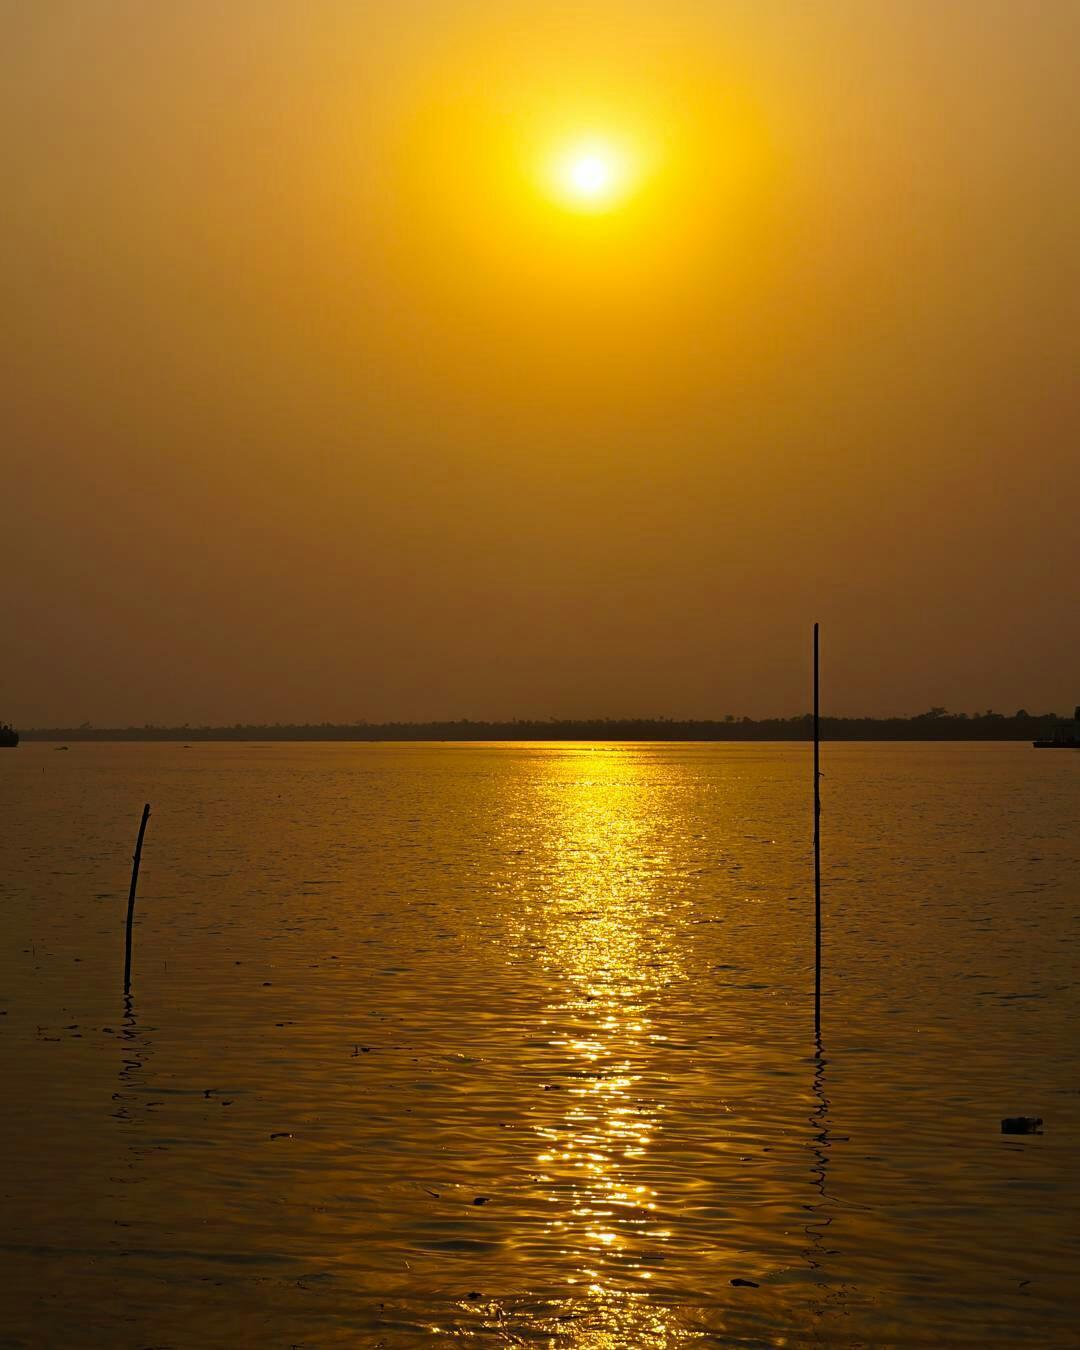 Sepia Photo credit - Pelumi Kayode